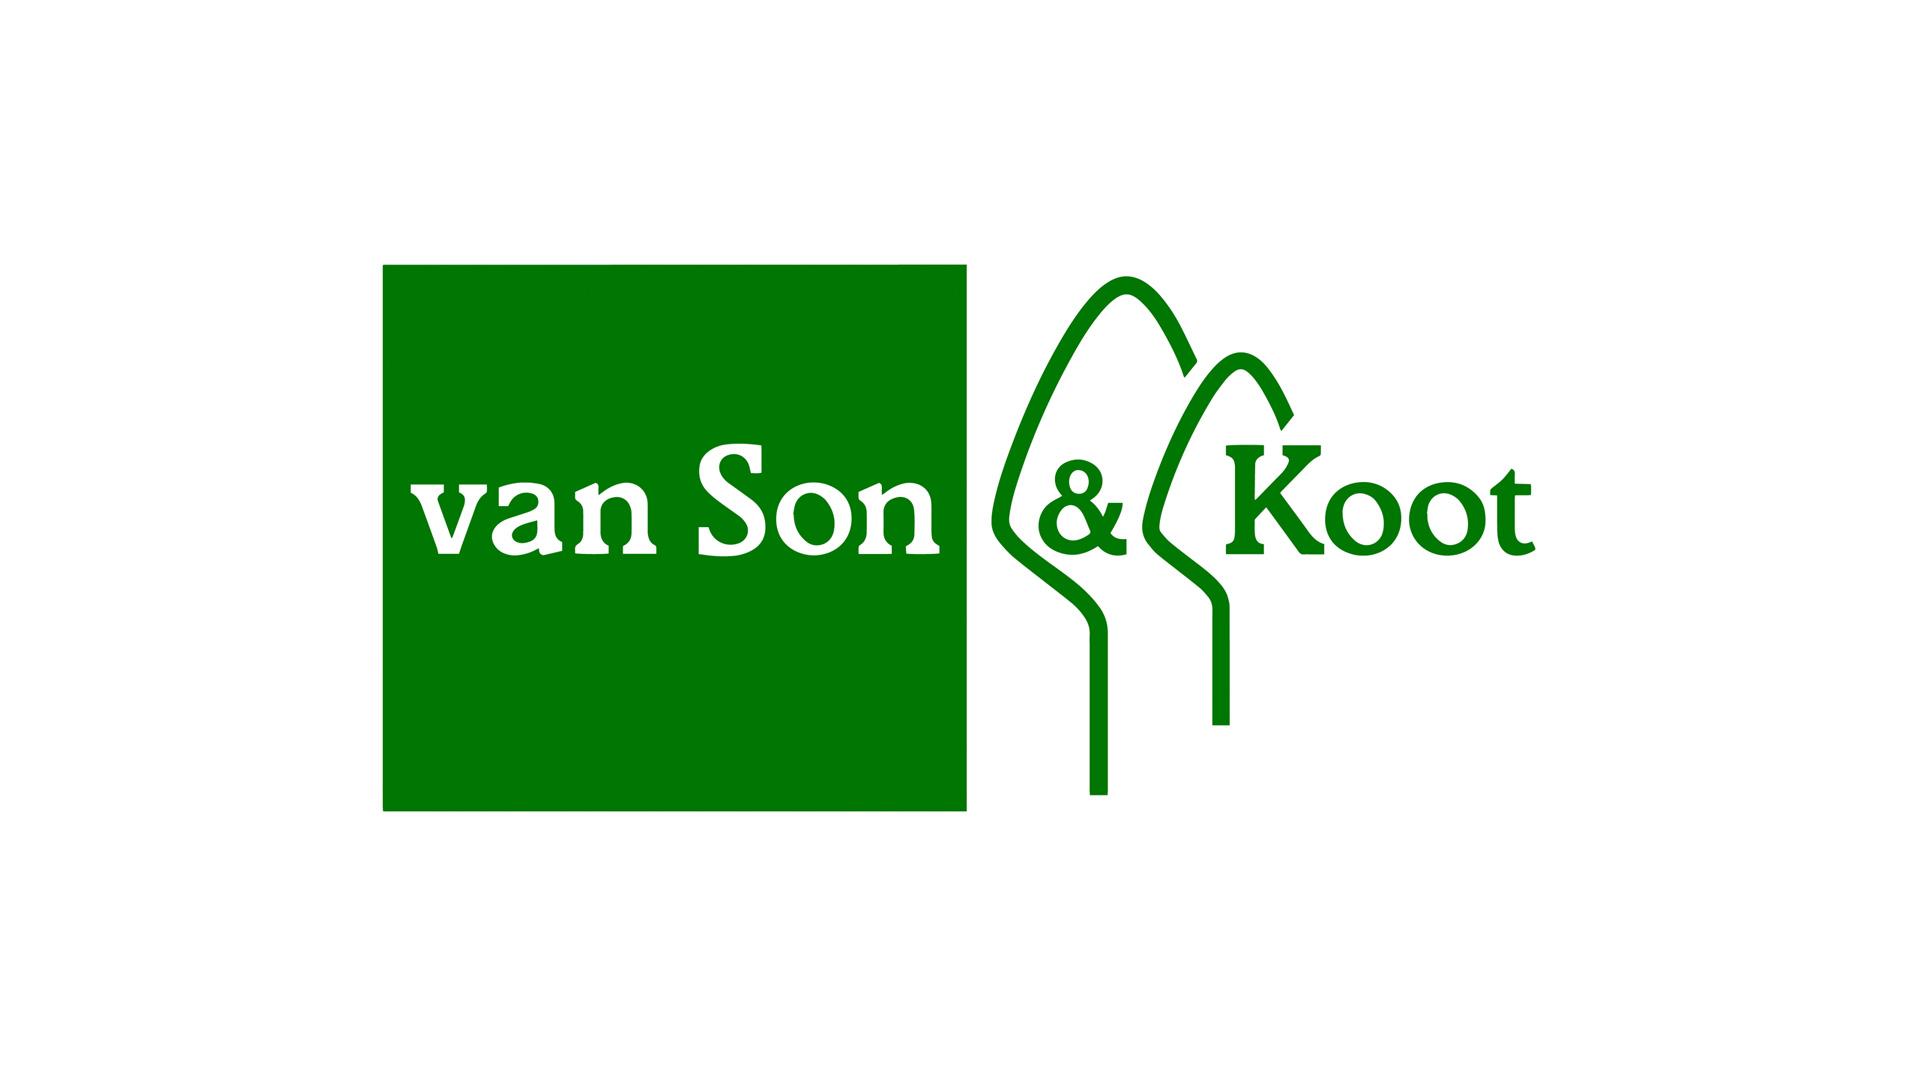 Van Son & Koot